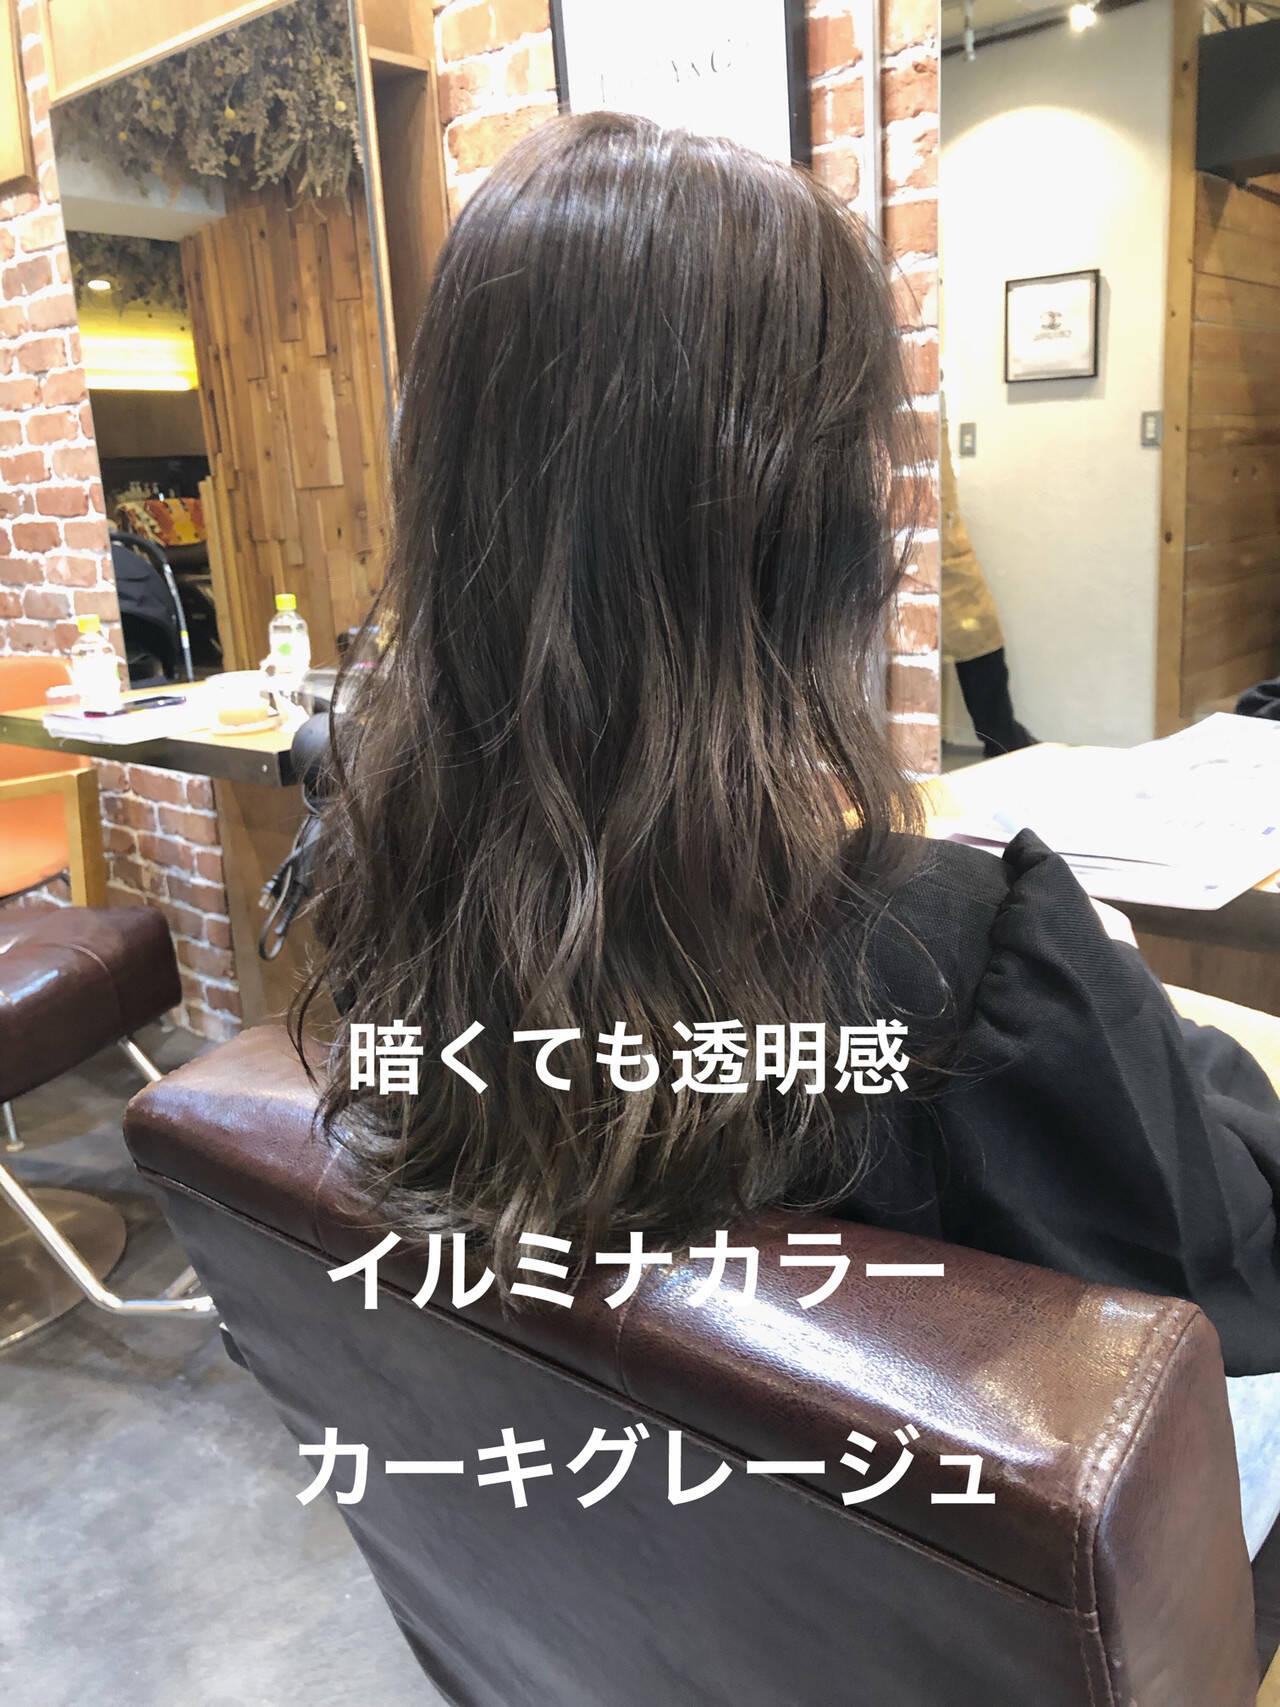 アッシュグレージュ デジタルパーマ パーマ ロングヘアスタイルや髪型の写真・画像